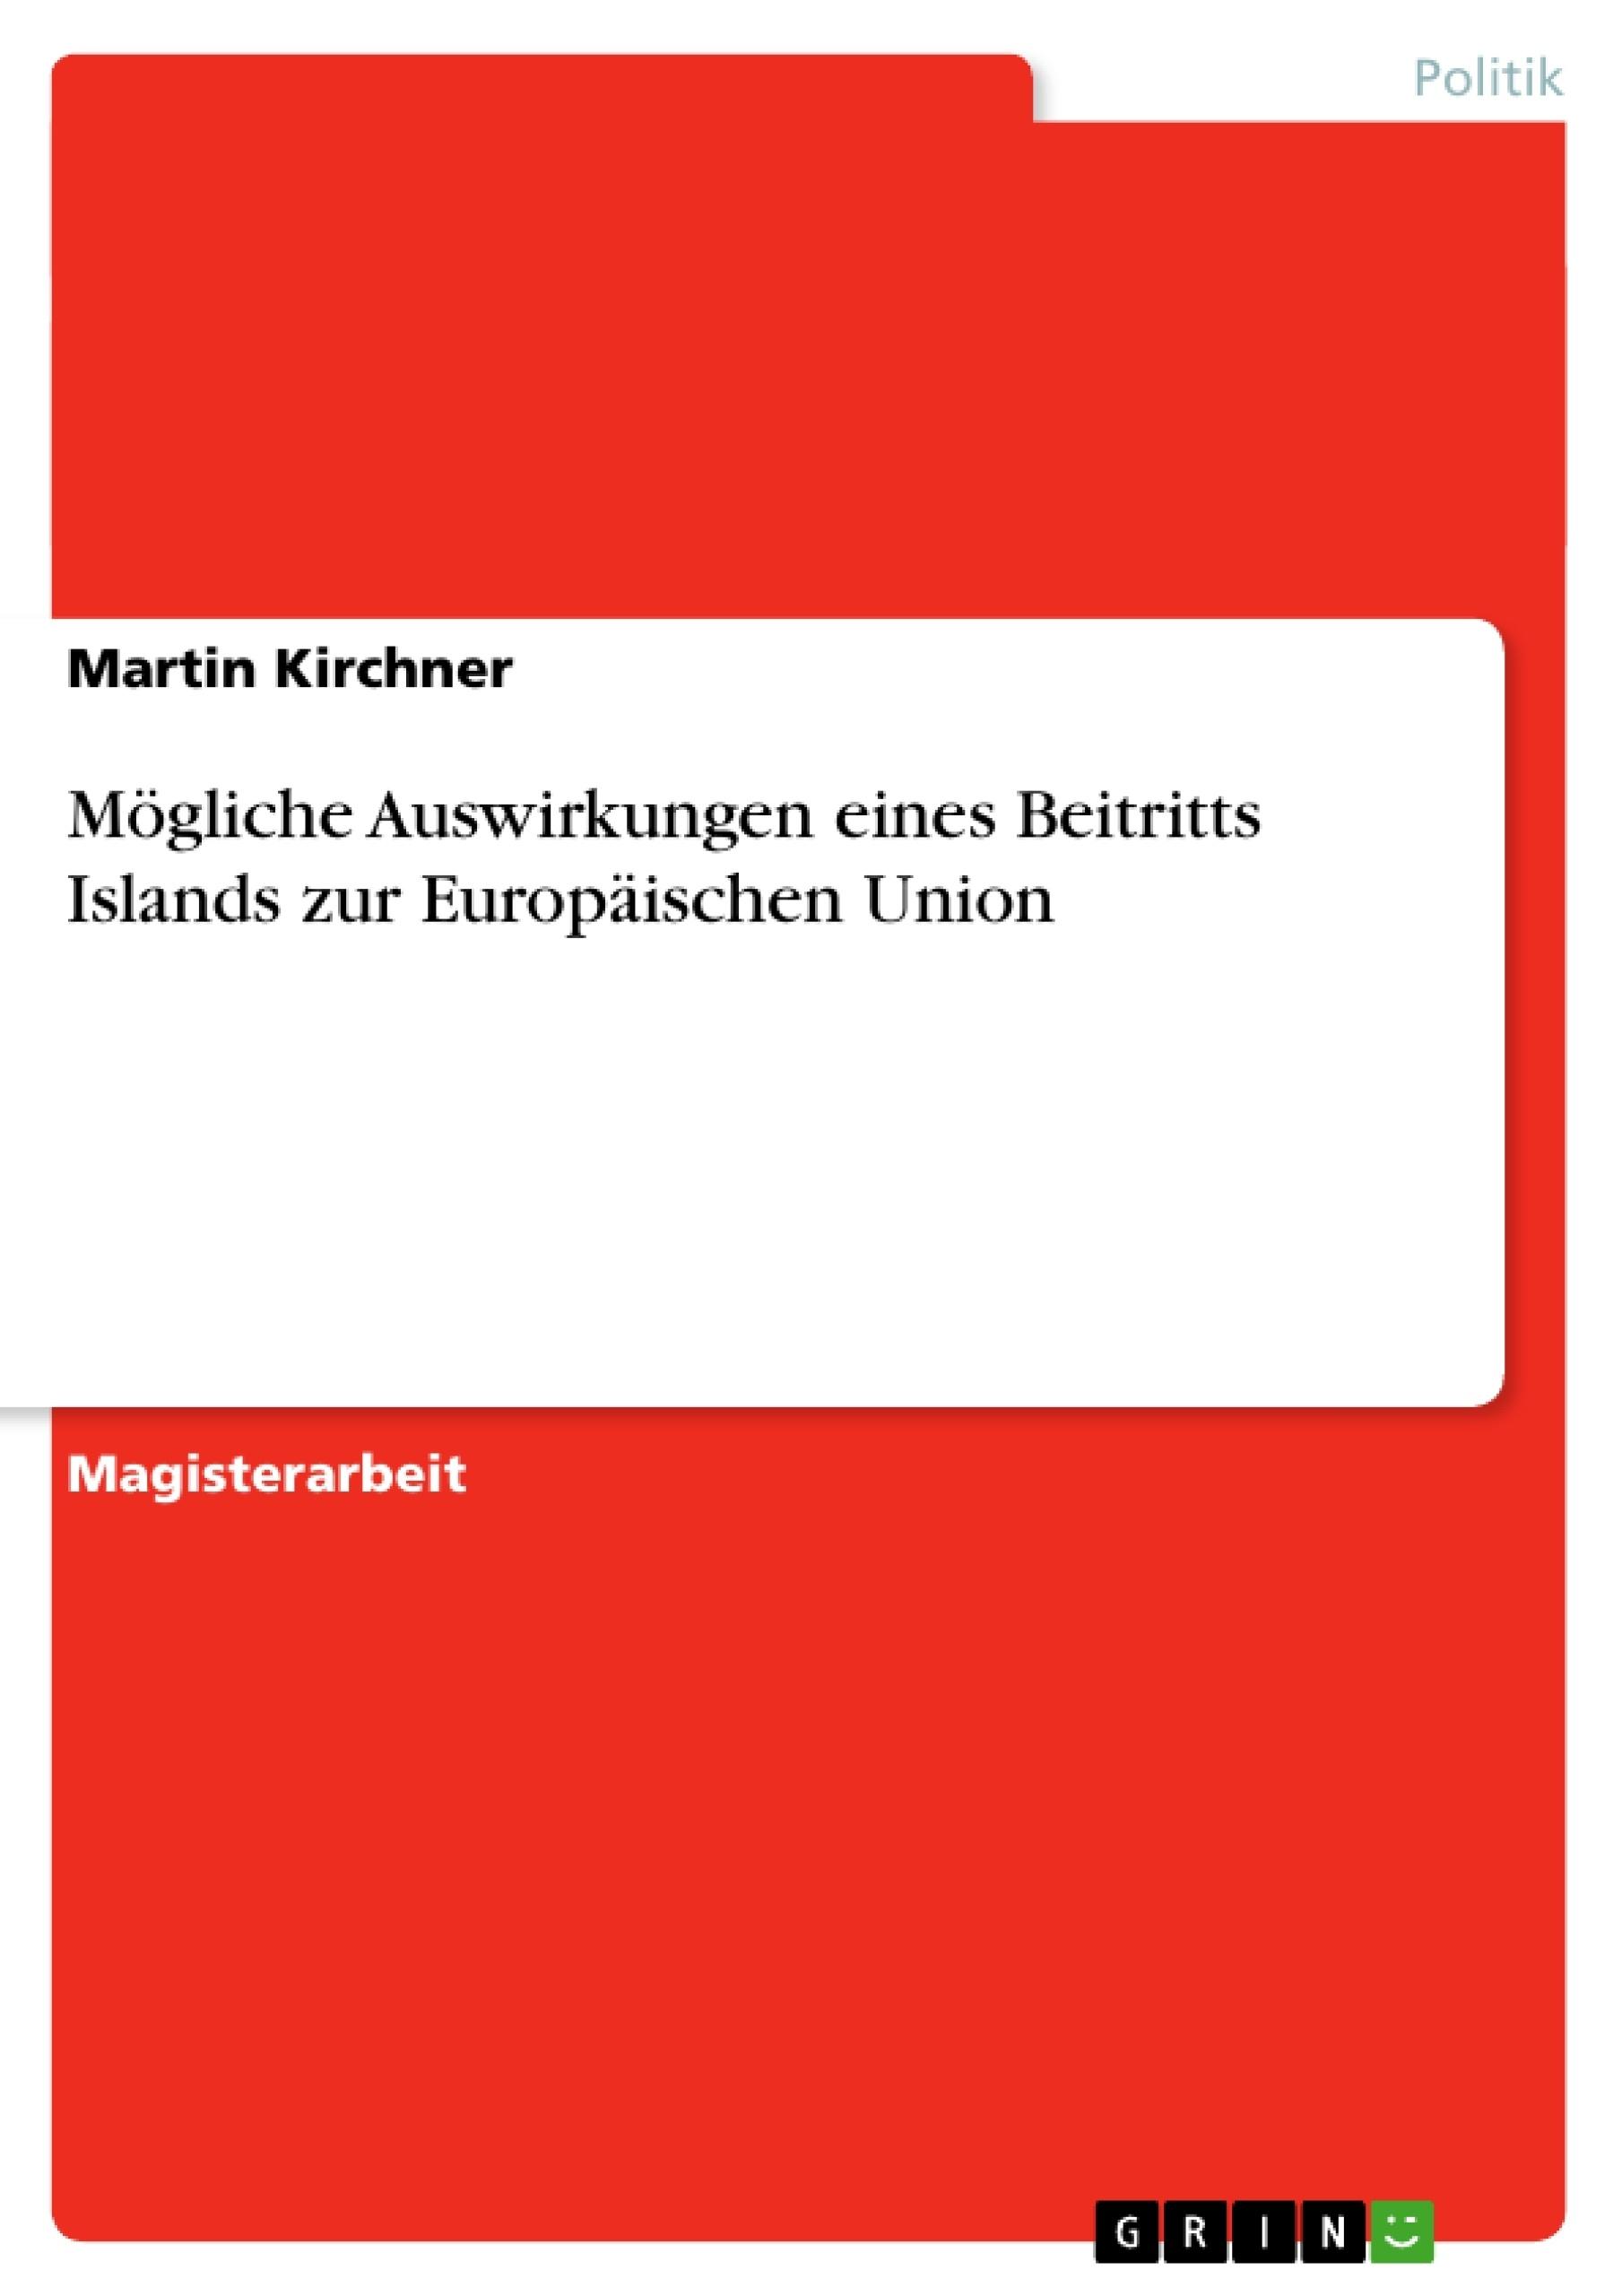 Titel: Mögliche Auswirkungen eines Beitritts Islands zur Europäischen Union